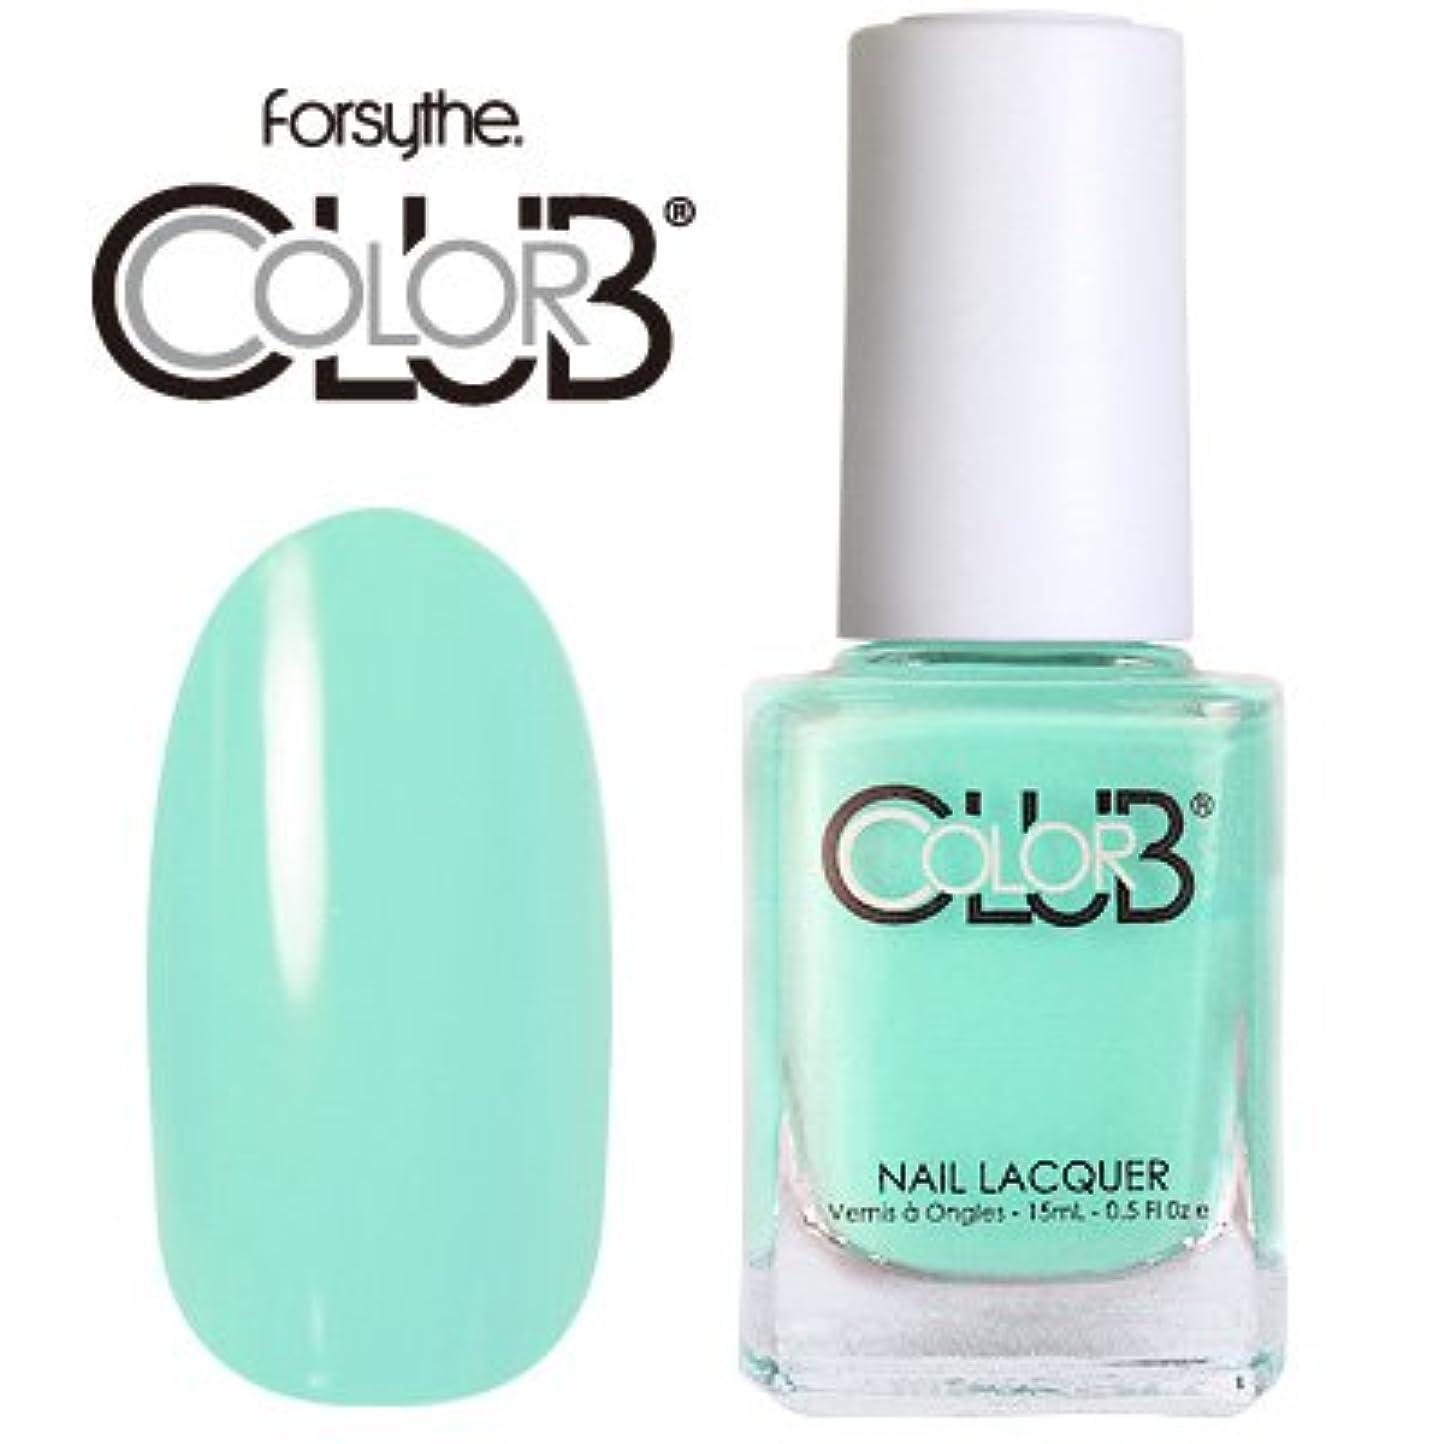 音楽を聴く意気揚々歌手フォーサイス カラークラブ 954/Blue-ming 【forsythe COLOR CLUB】【ネイルラッカー】【マニキュア】